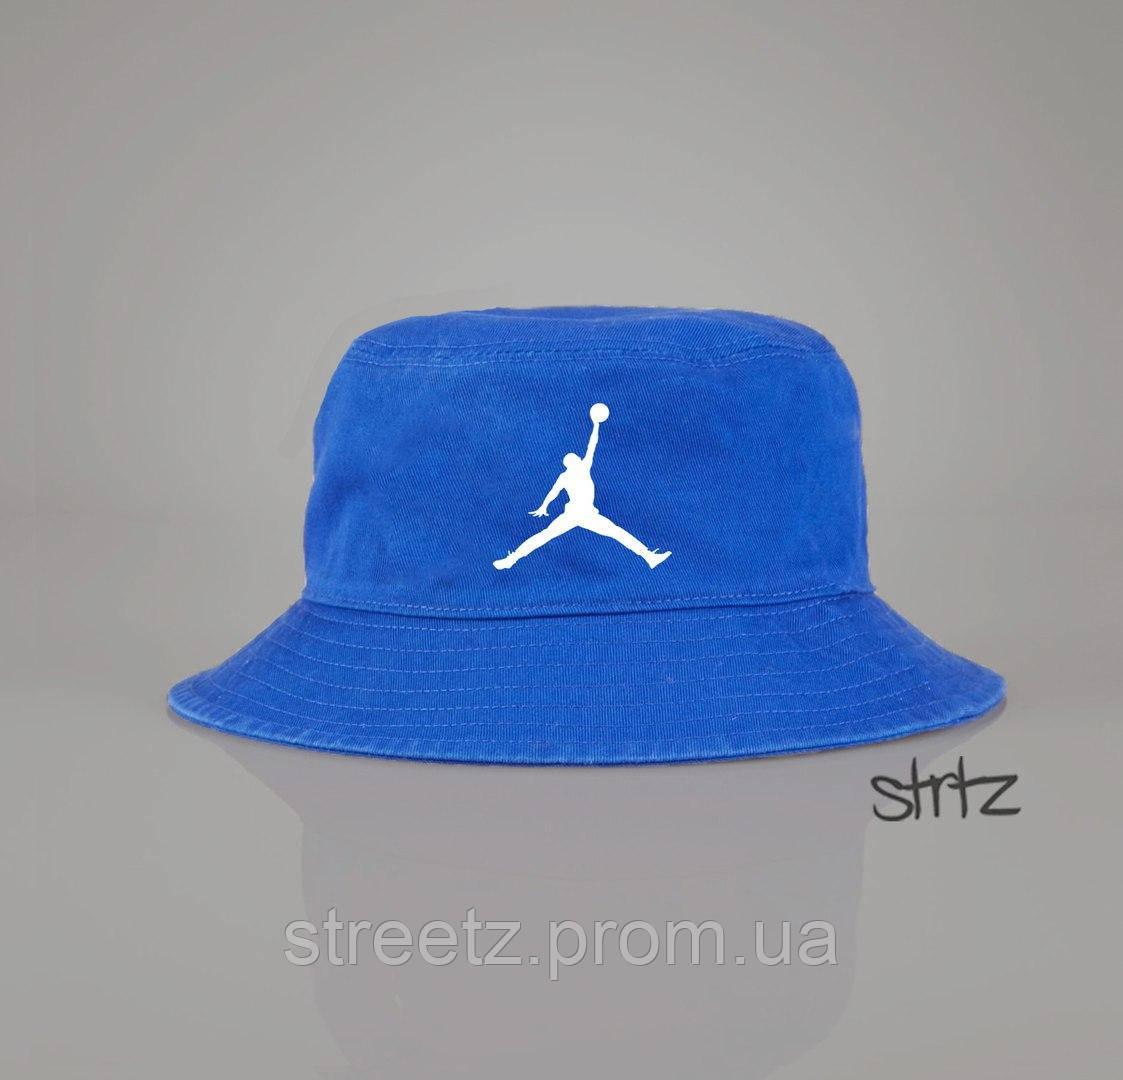 Панамка Jordan Bucket Hat - Streetz в Полтаве ecd930de6a4